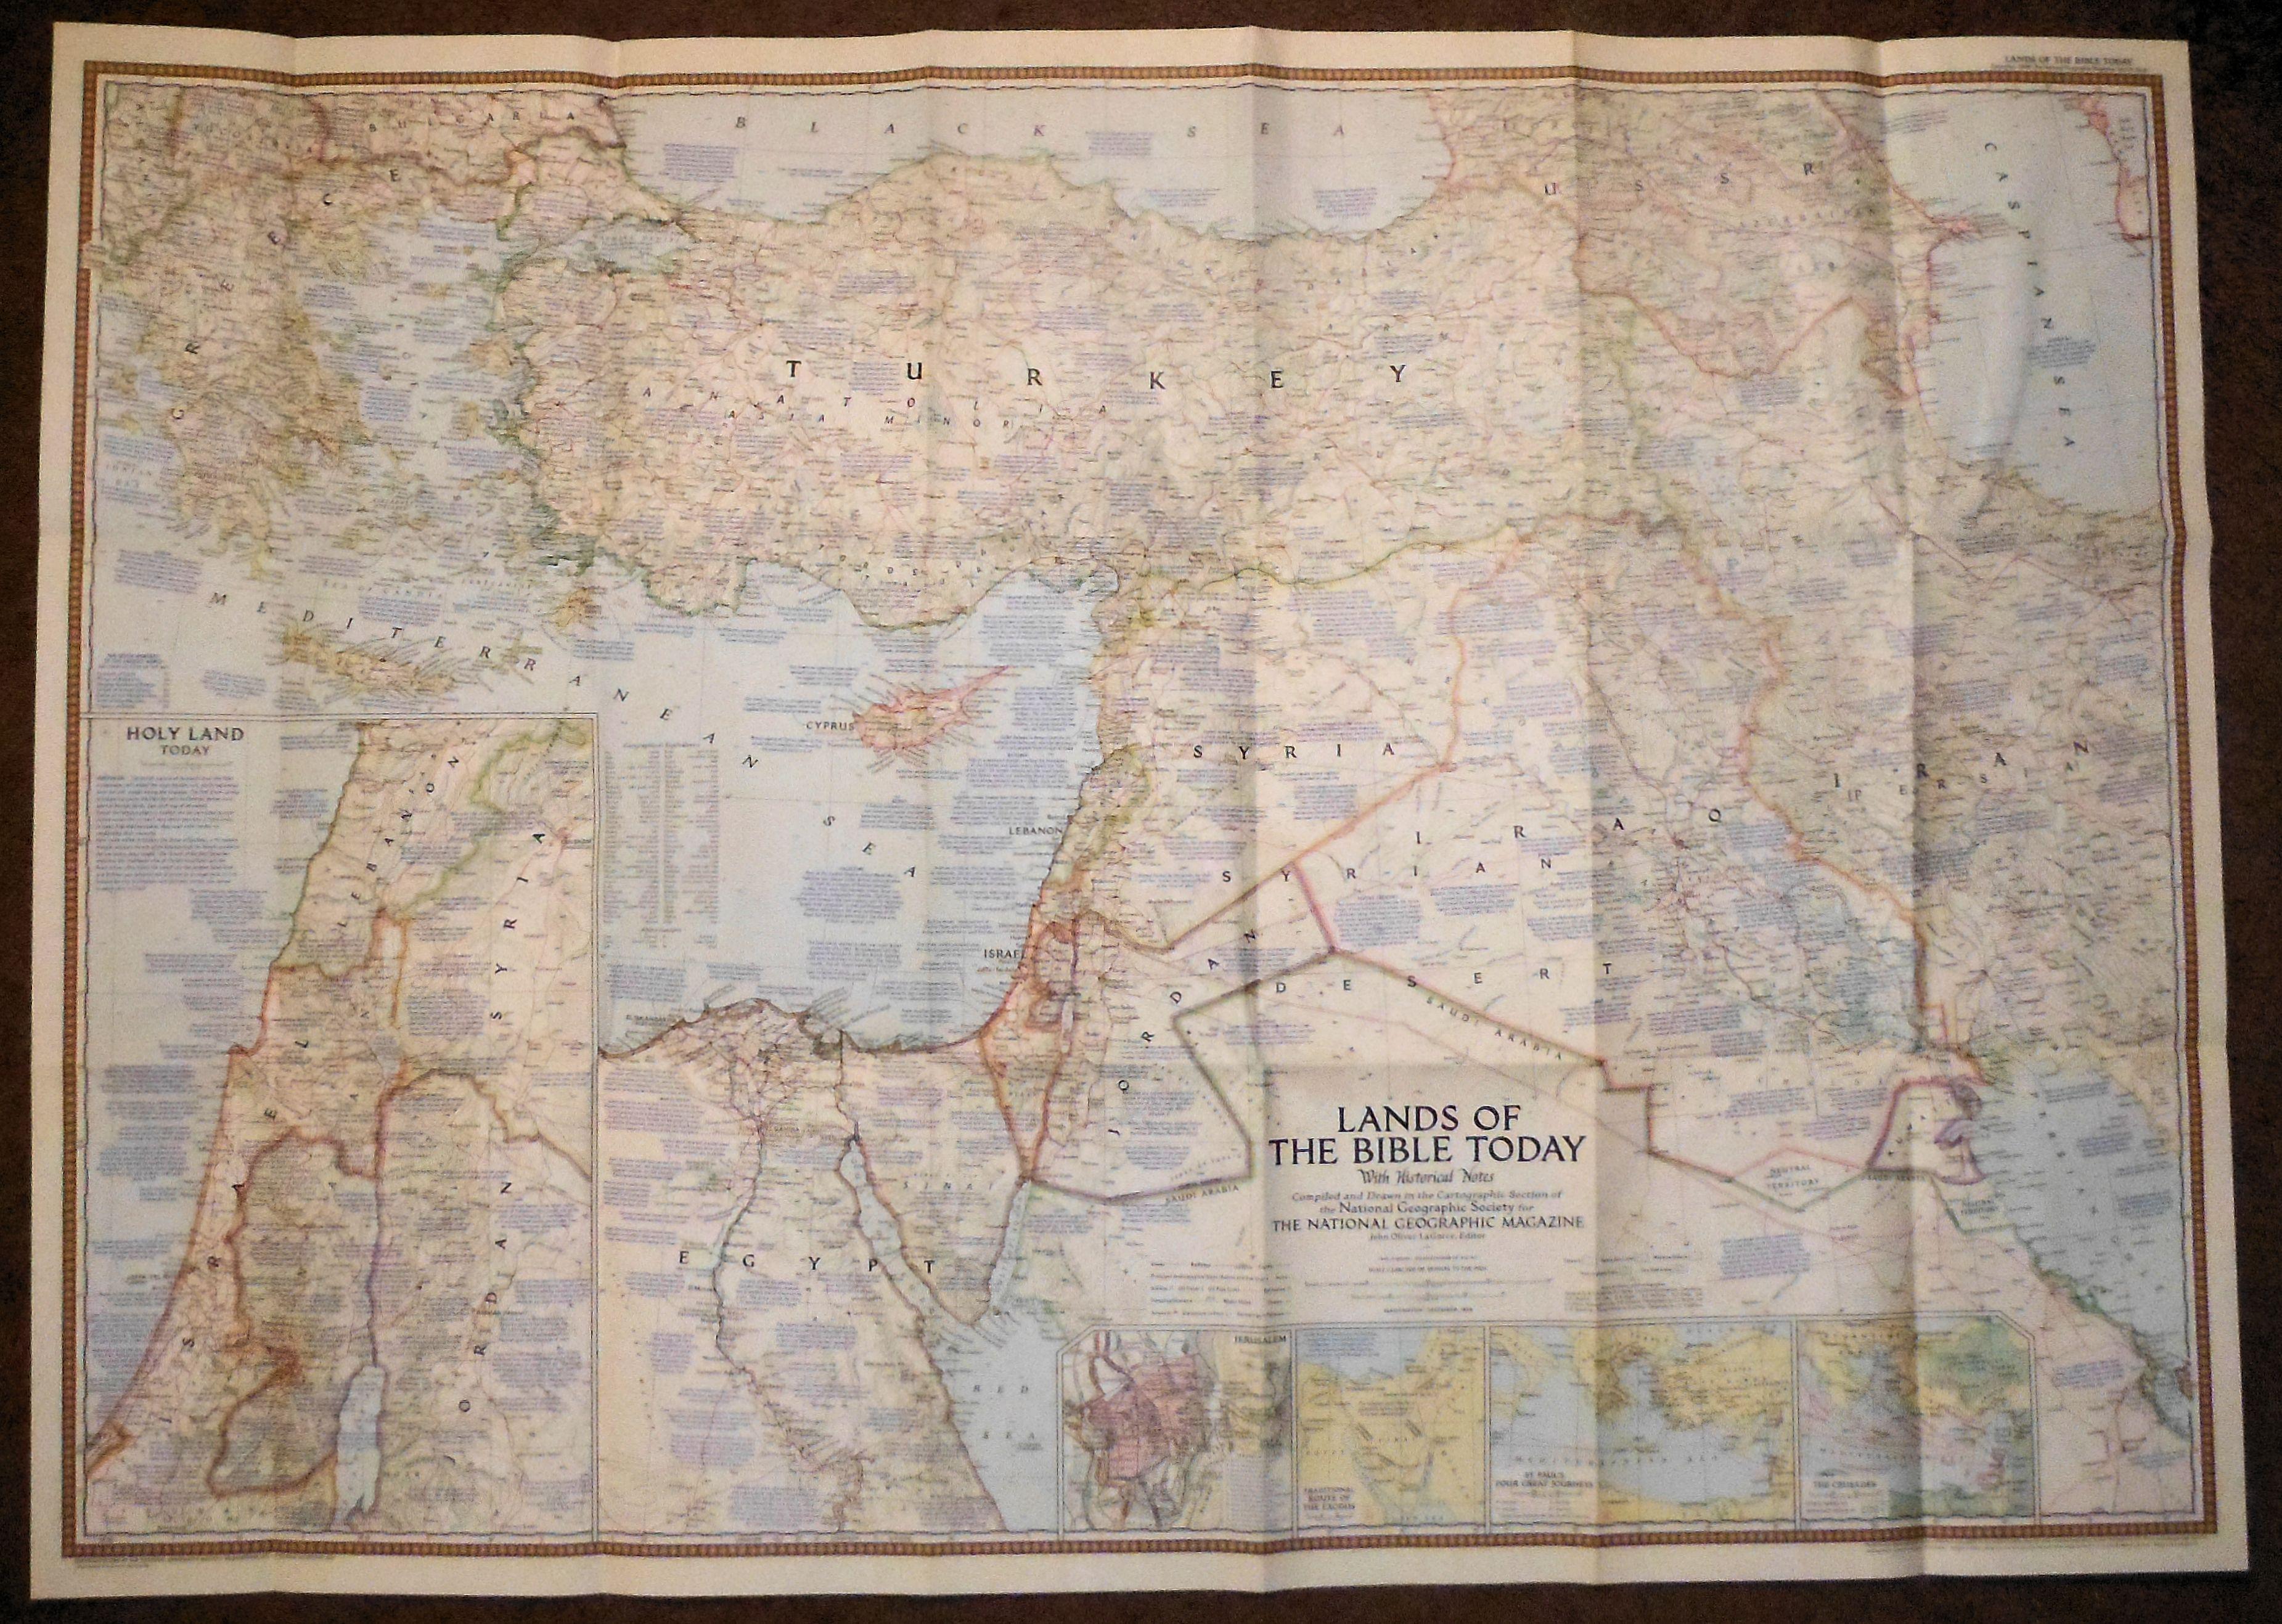 Map Of Oregon Highways%0A    best MAPS  Antique  u     Vintage images on Pinterest   Antique  Maps and  Portland oregon